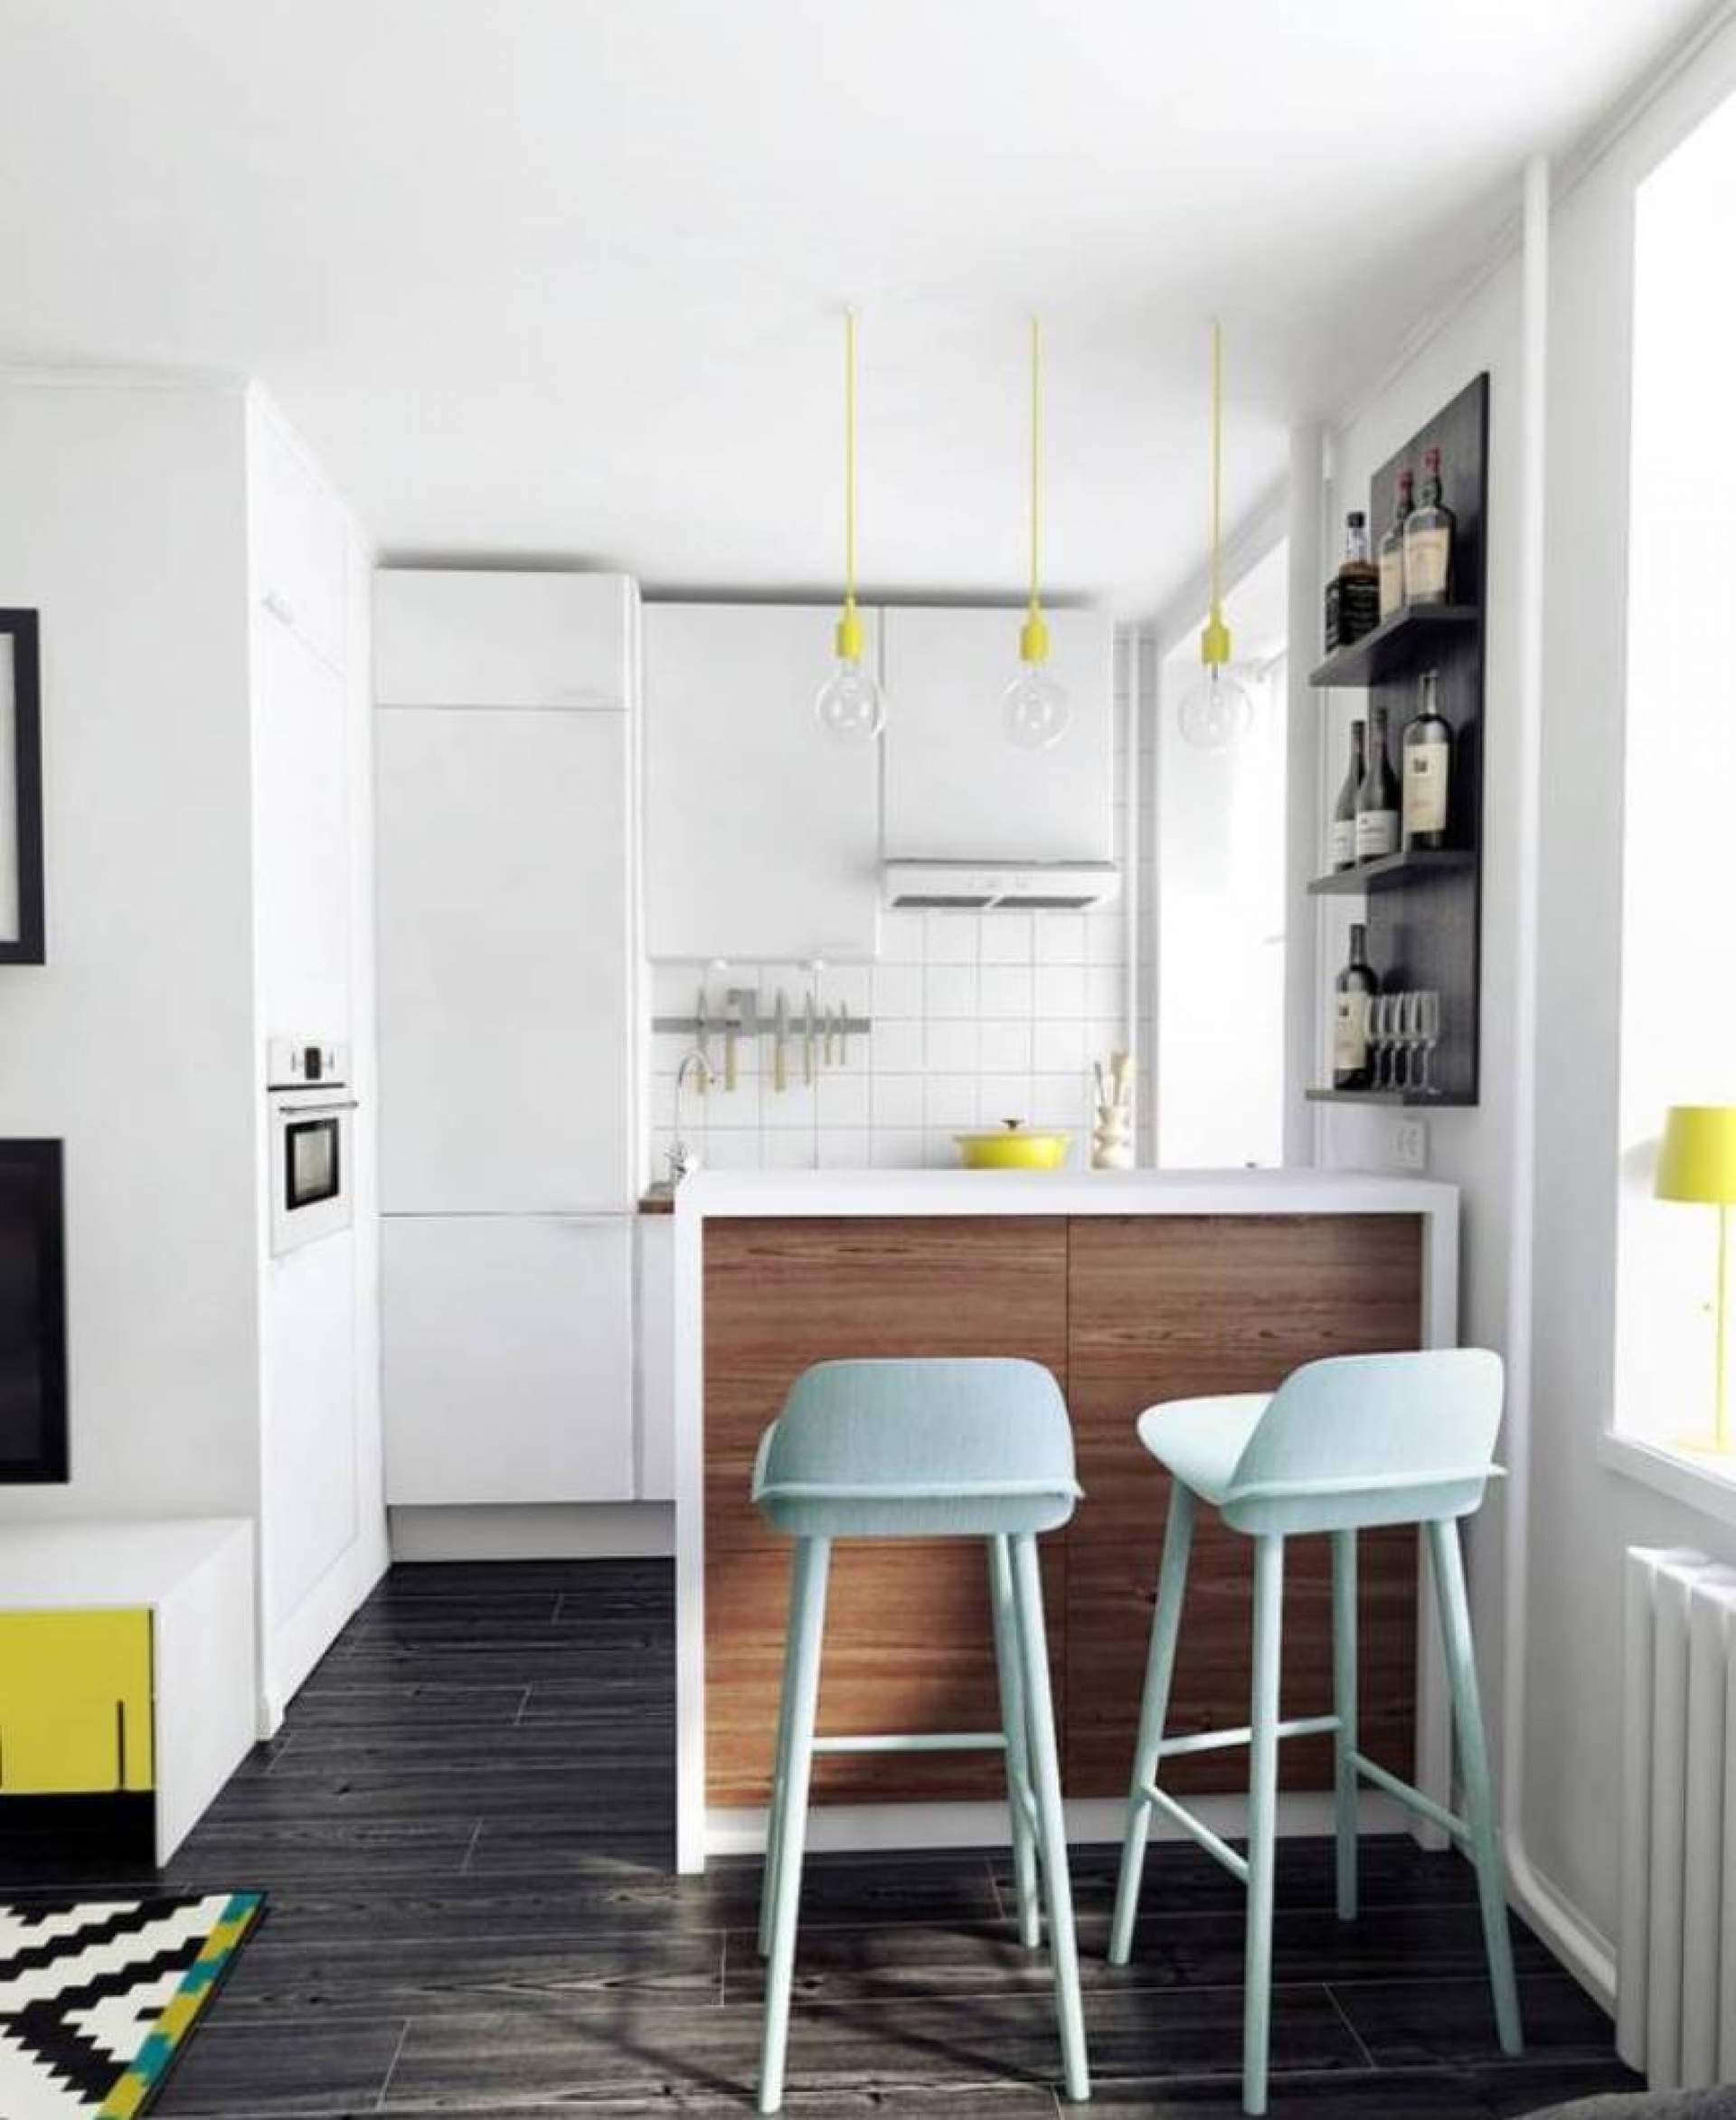 de cozinhas americanas pequenas de apartamentos e casas dê uma #9F962C 1920 2345